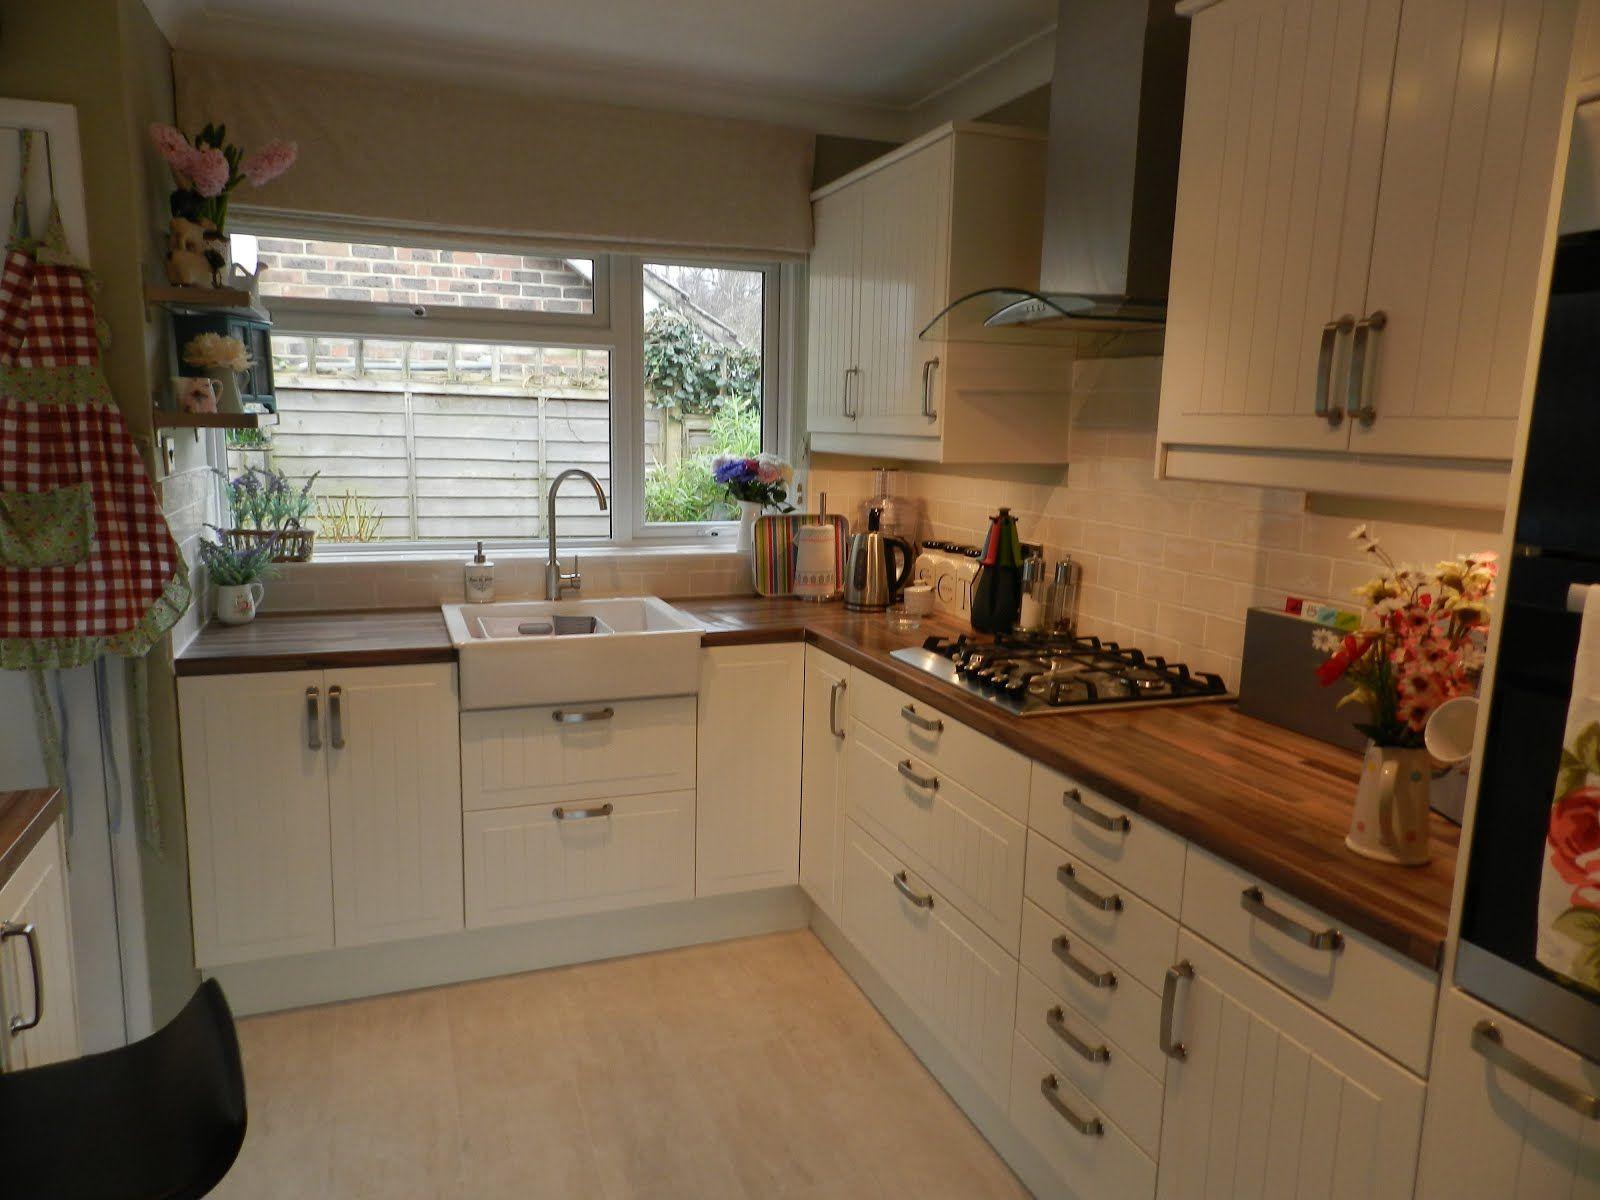 ikea stat kitchen  Ikea stat in off whitelove love